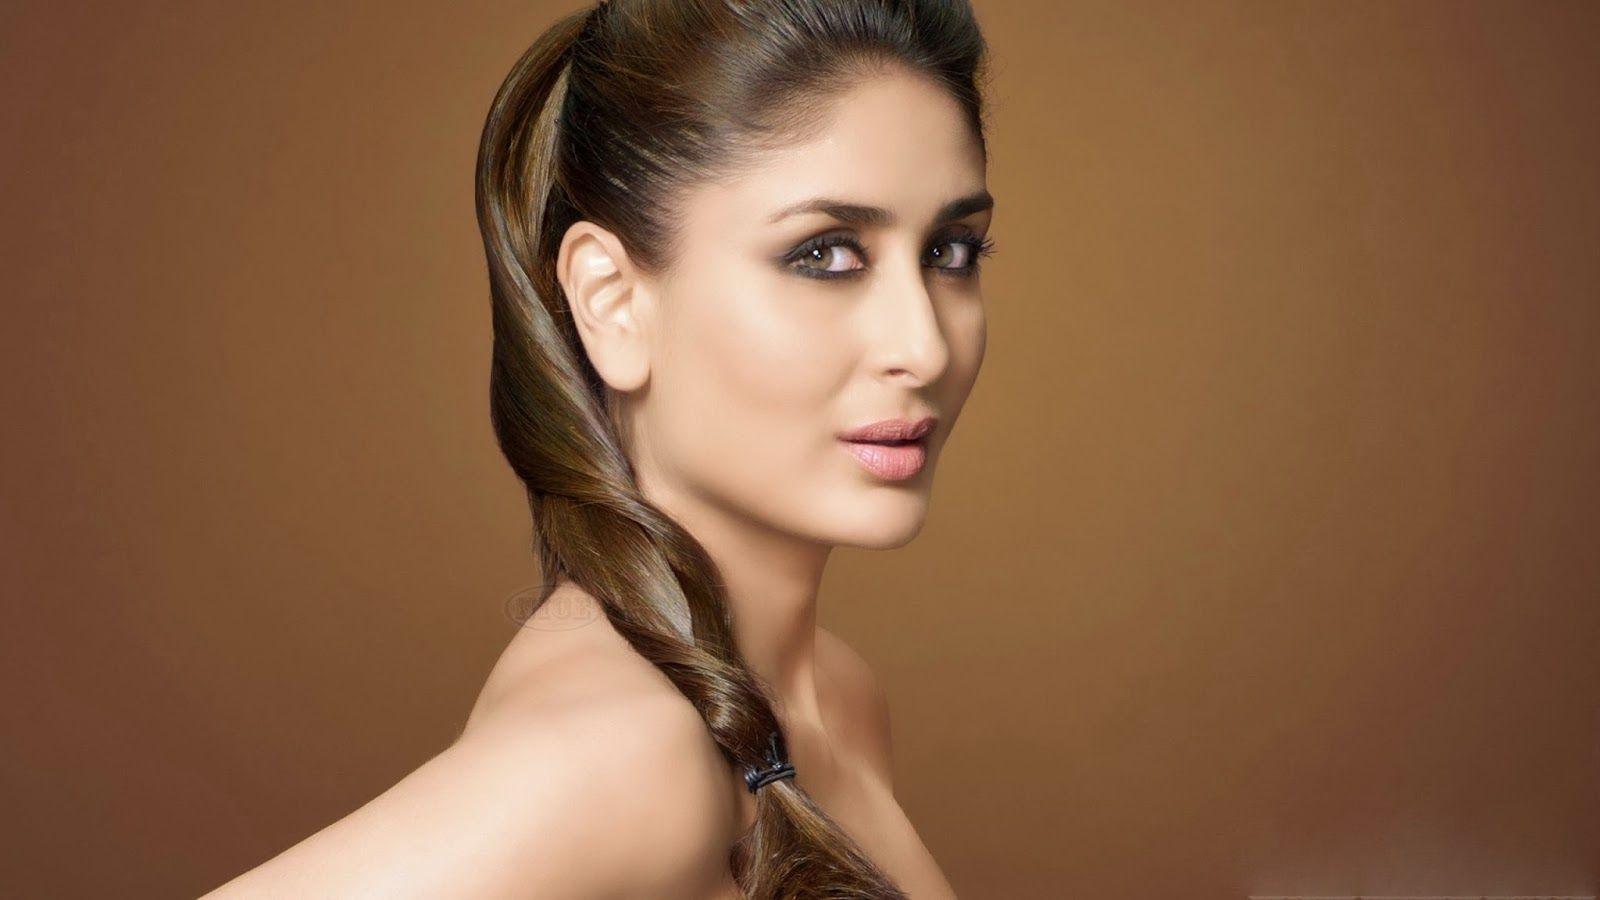 download kareena kapoor hd wallpapers | kareena kapoor khan